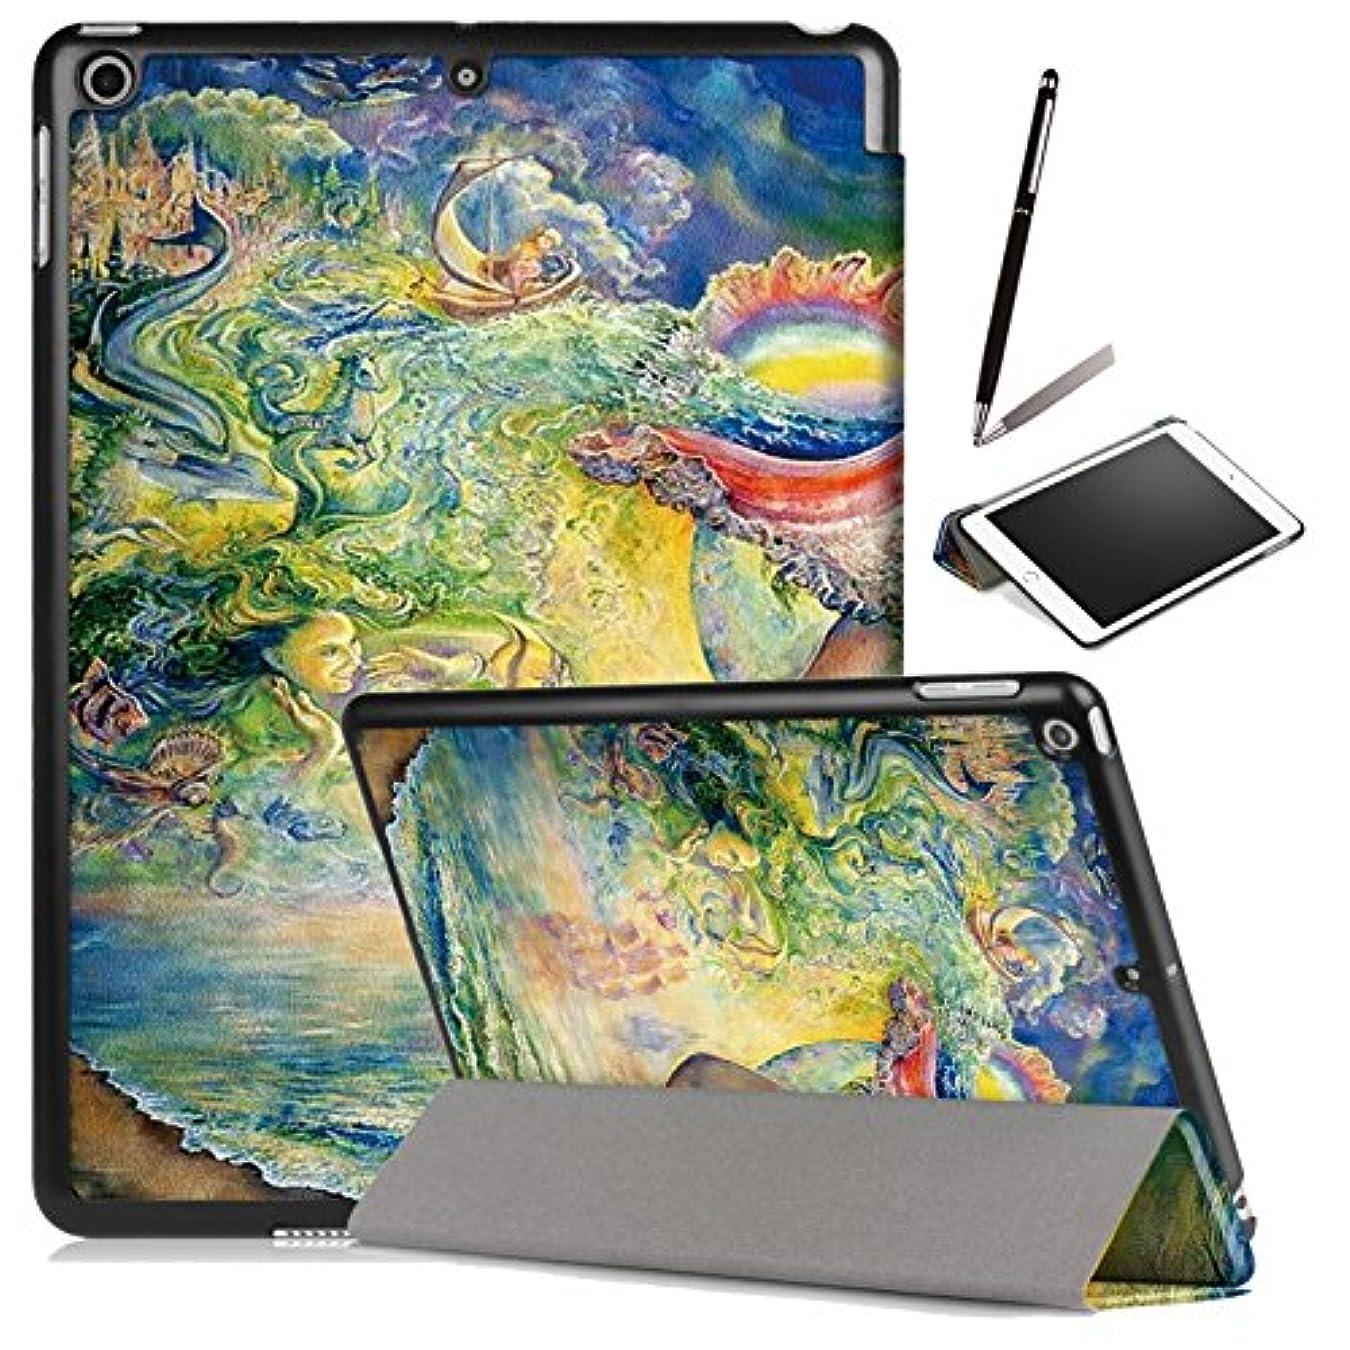 北東シード収益【ANNNGROUP】New iPad 9.7 2018/2017 用 ケース 開閉式 三つ折スタンド オートスリープ機能 超軽量 傷つけ防止 ipadモデル番号A1822/A1823/A1893/A1954に対応-タッチペン付き(デザイン10)